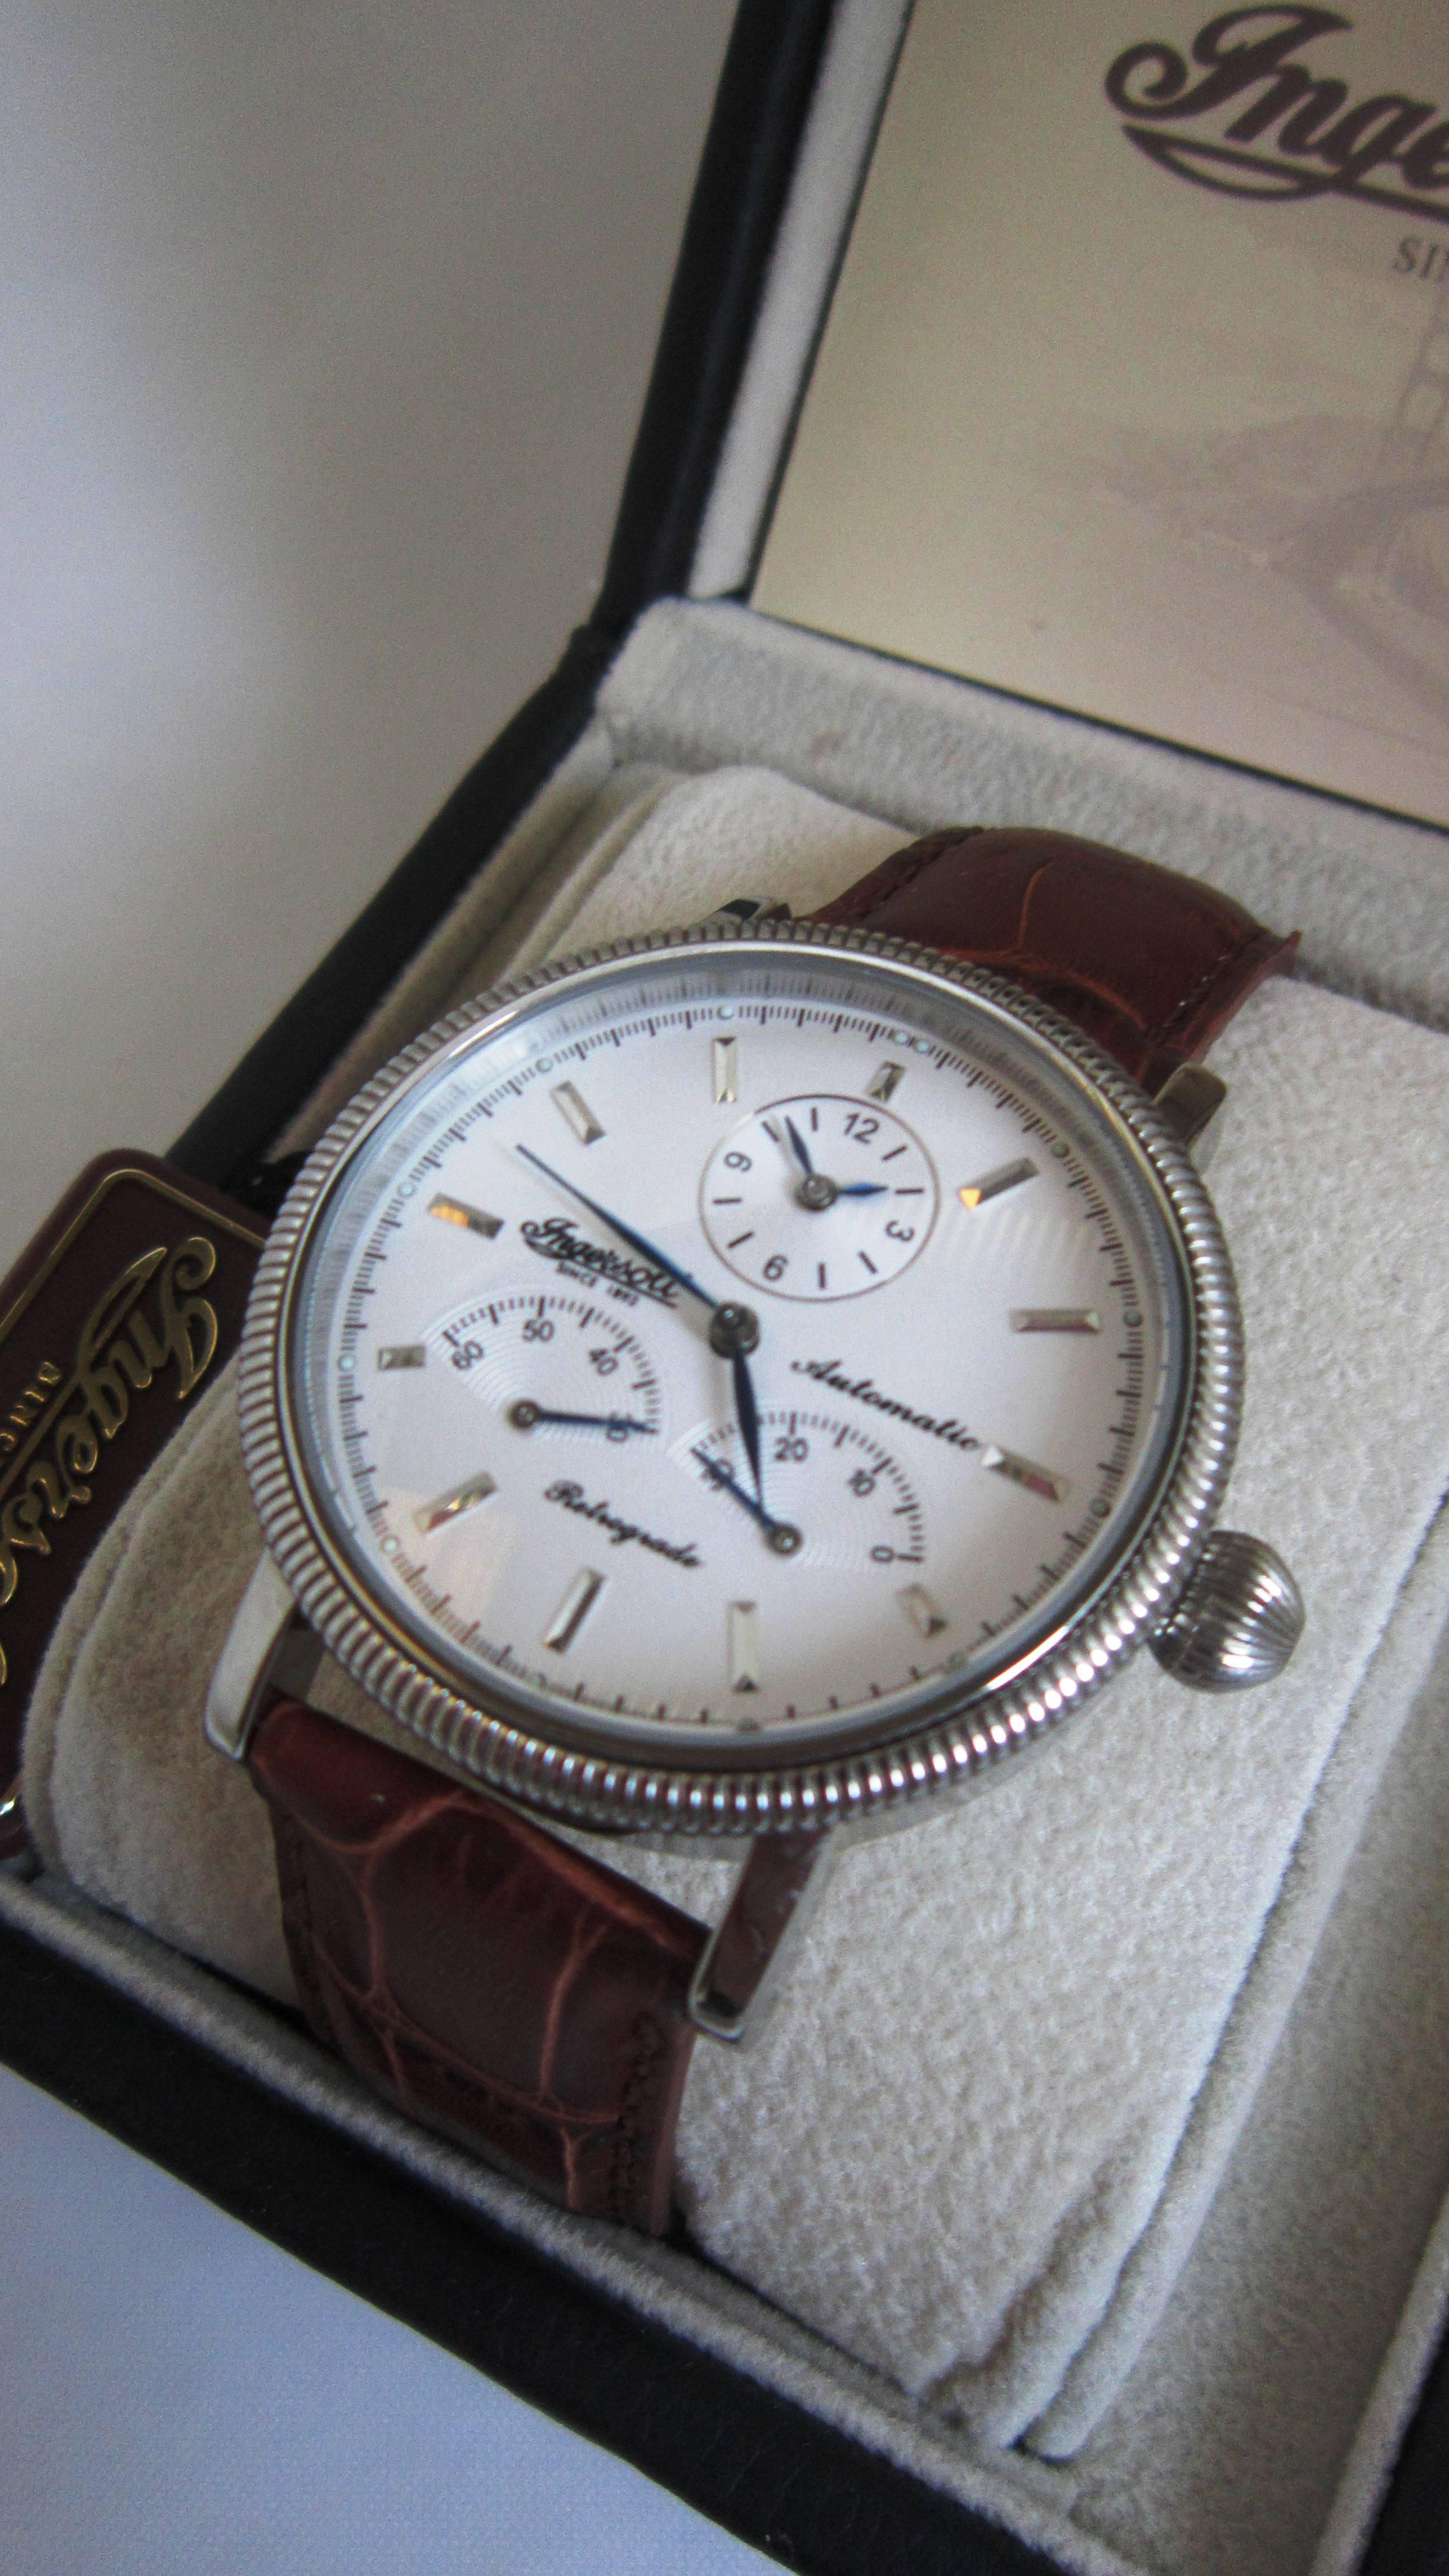 61b6cb021f77 INGERSOLL inoxidable COLORADO IN2600 reloj de edición limitada retrogrado  automático en caja de cuero original. Doble tiempo 35 joyas movimiento  automático ...